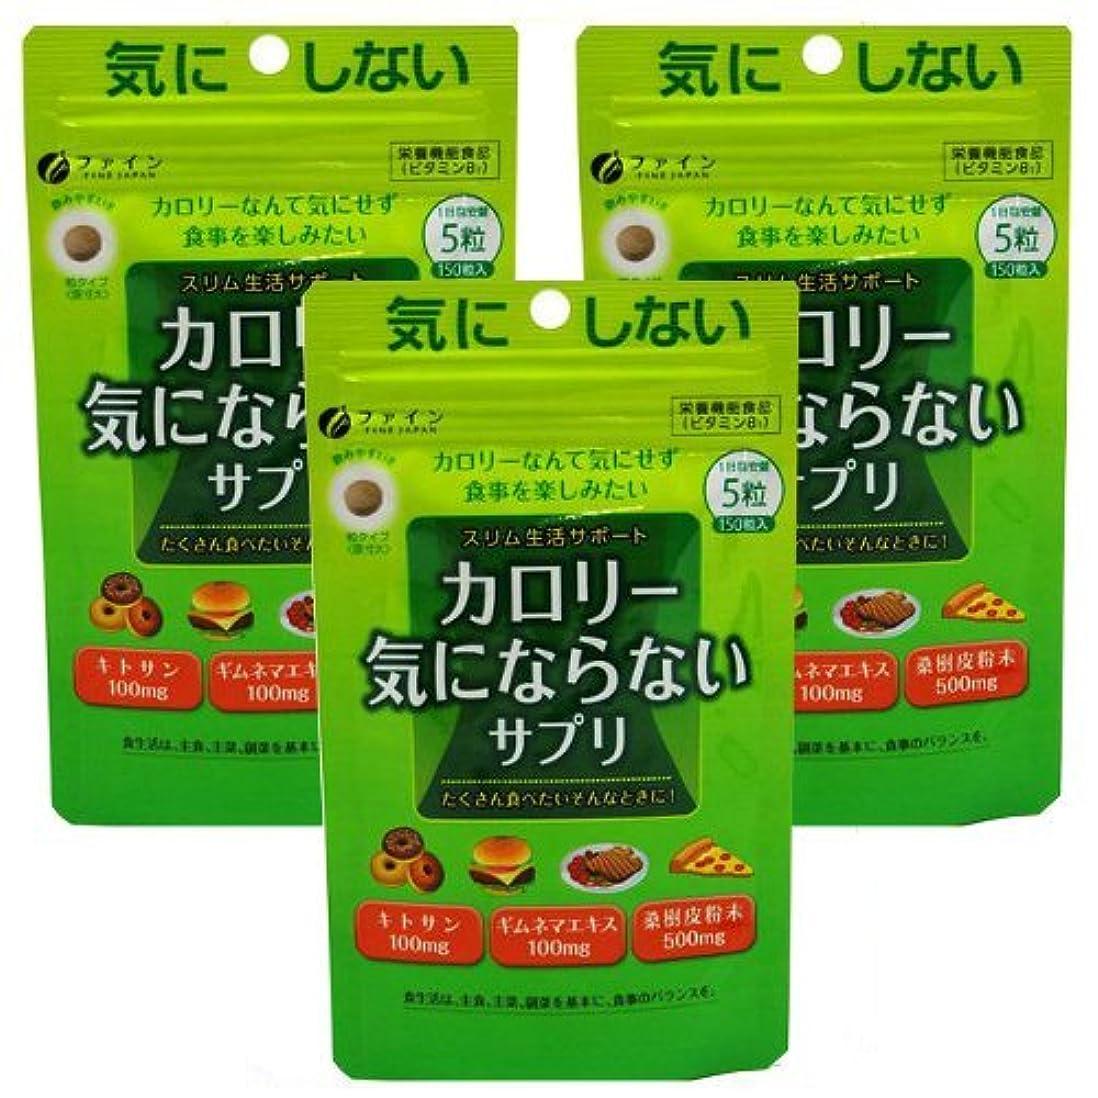 手入れ自動化削減カロリー気にならないサプリ 150粒(約1ヶ月分)×3袋